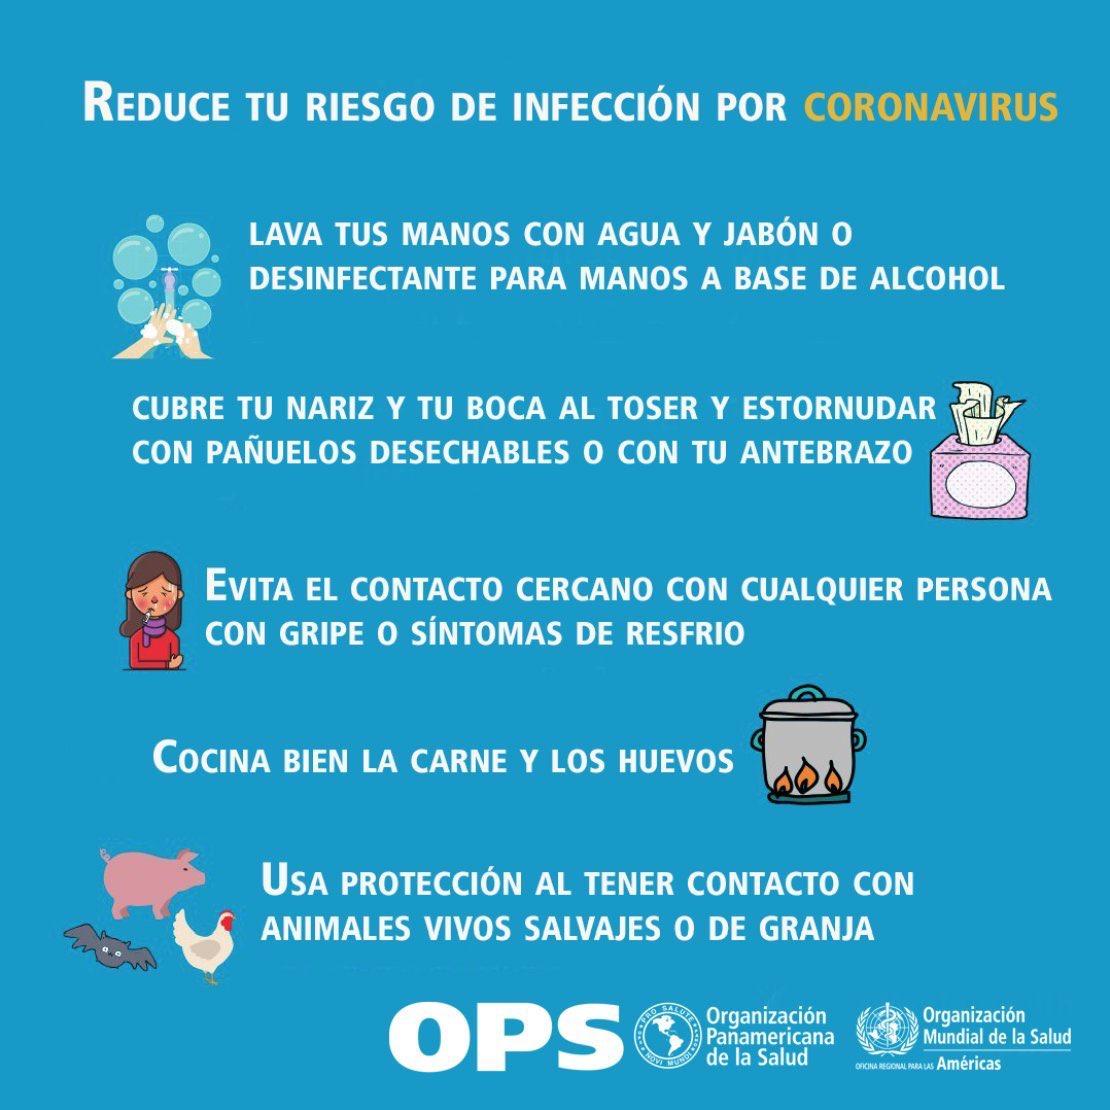 Es muy importante tomar precauciones ante el crecimiento exponencial del #COVID19. En #México se habla de 12 casos. No descartemos que en breve sean muchos más. Es una pandemia que tiene al mundo en jaque y al borde de la recesión. ¿#México está haciendo lo correcto? #Coronavirus